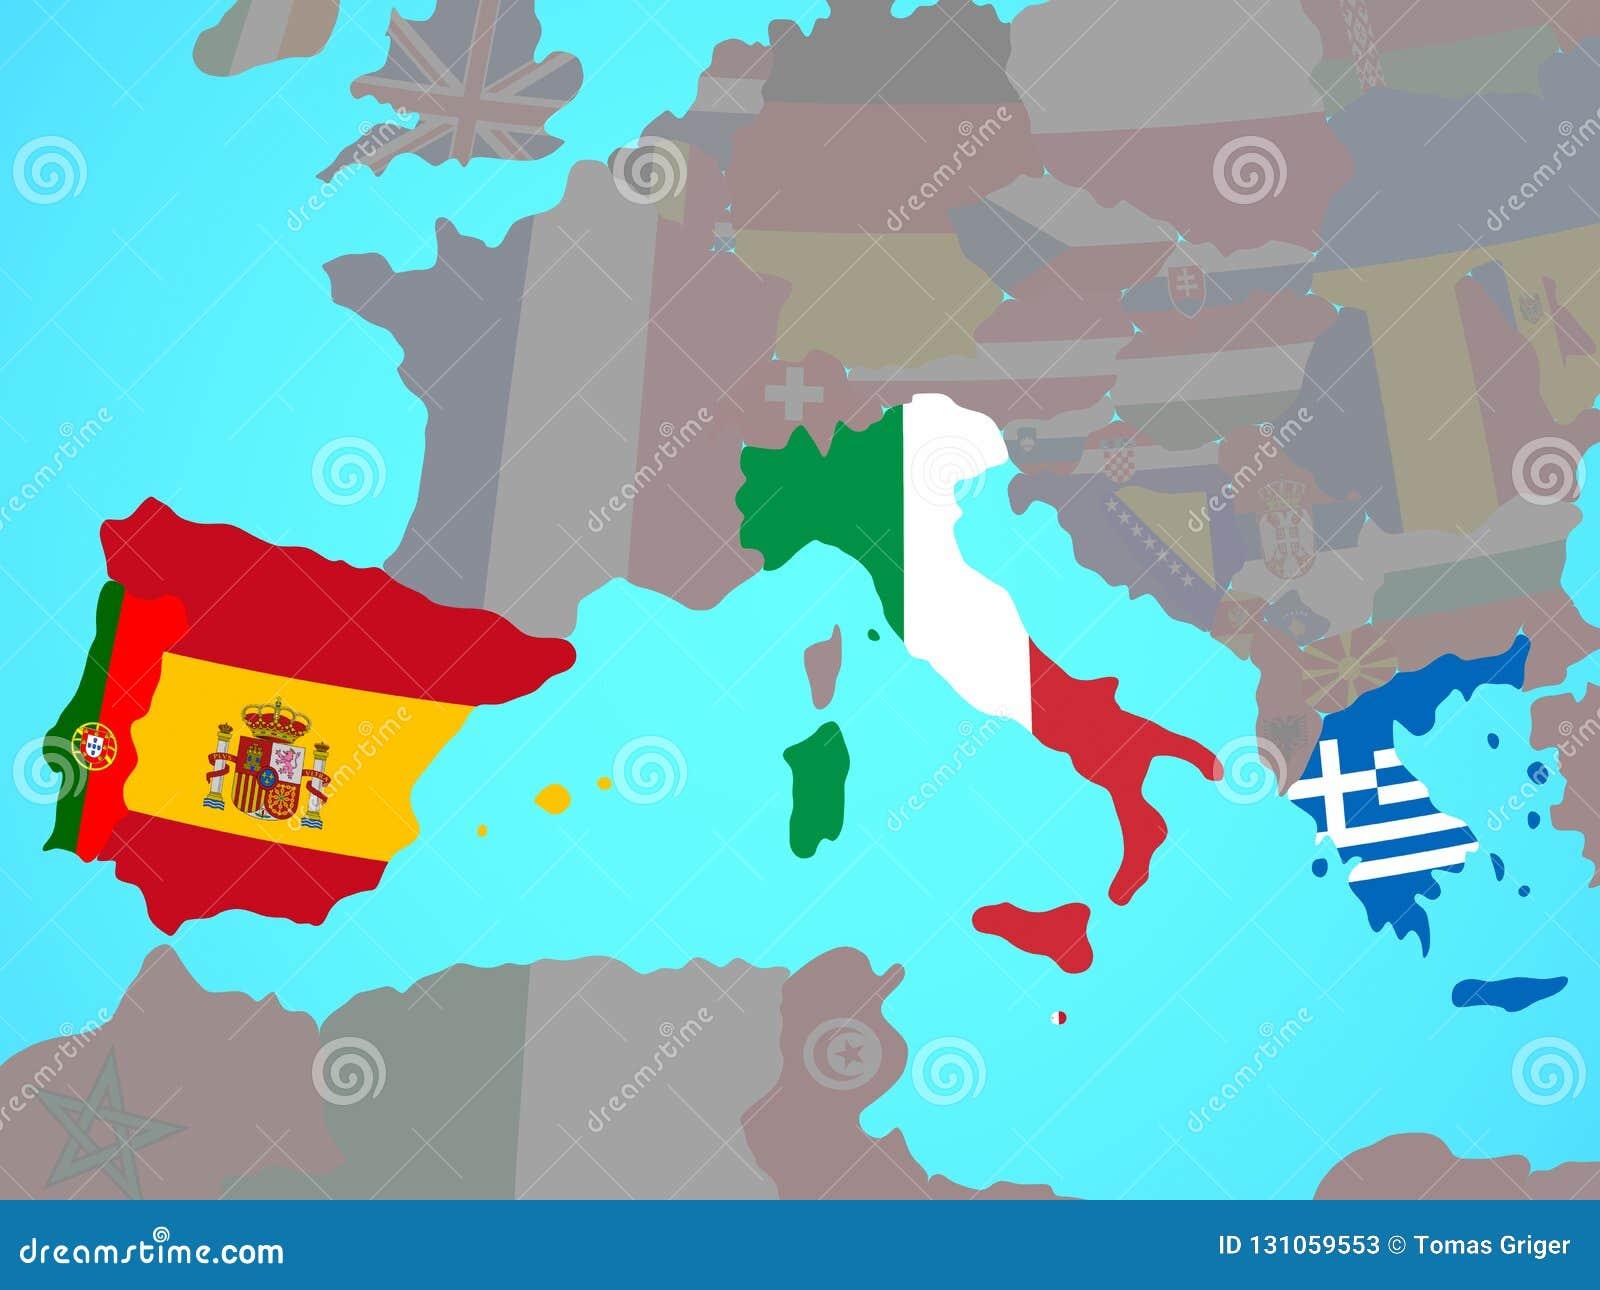 Europa Meridionale Cartina.L Europa Meridionale Con Le Bandiere Sulla Mappa Illustrazione Di Stock Illustrazione Di Paese Simbolo 131059553